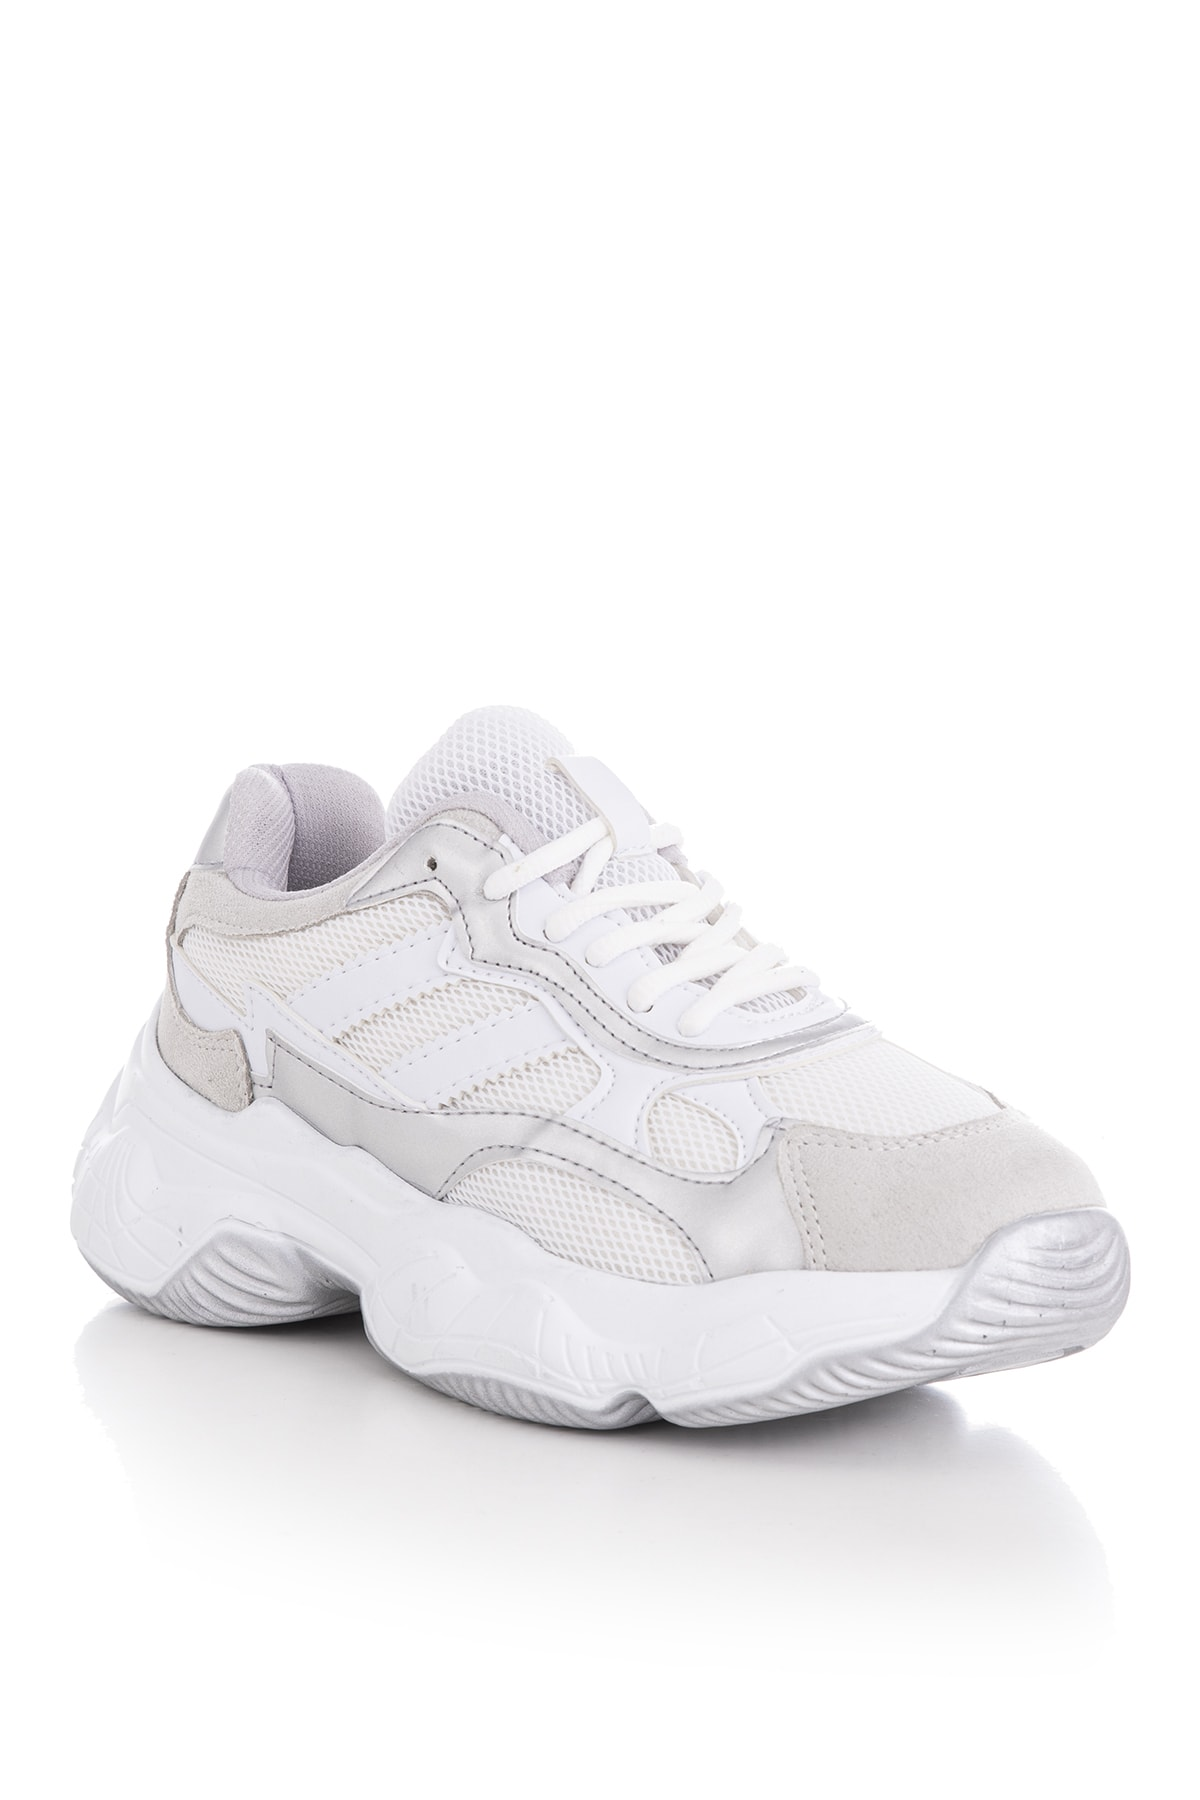 Tonny Black Kadın Spor Ayakkabı Beyaz Gri Tb246 2